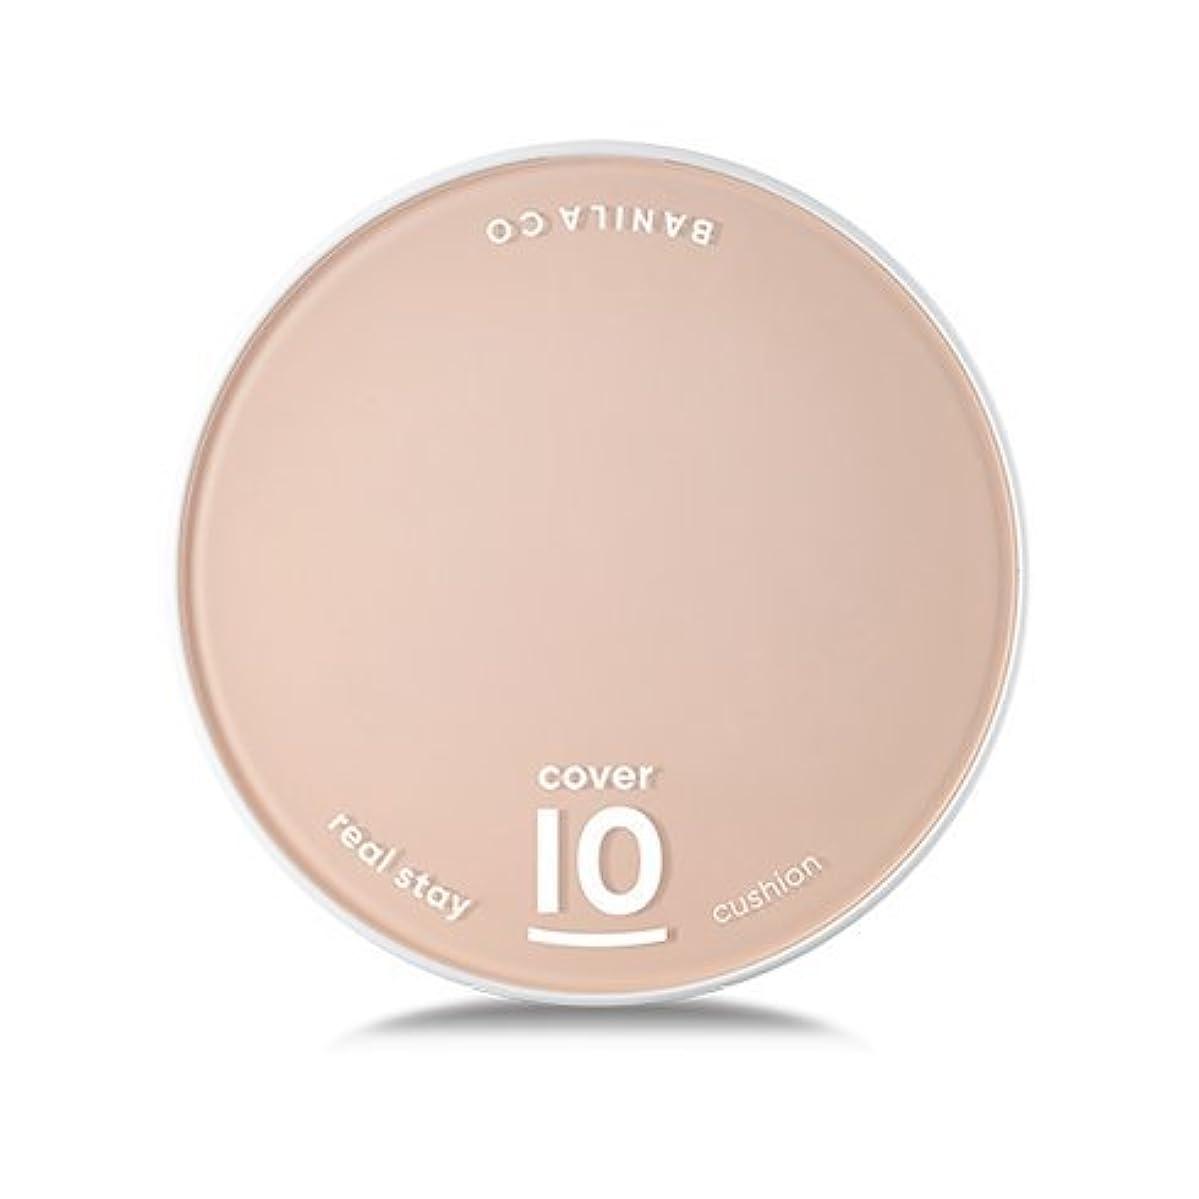 チケットハム和解する[Renewal] BANILA CO Cover 10 Real Stay Cushion 15g + Refill 15g/バニラコ カバー 10 リアル ステイ クッション 15g + リフィル 15g (#BP15...